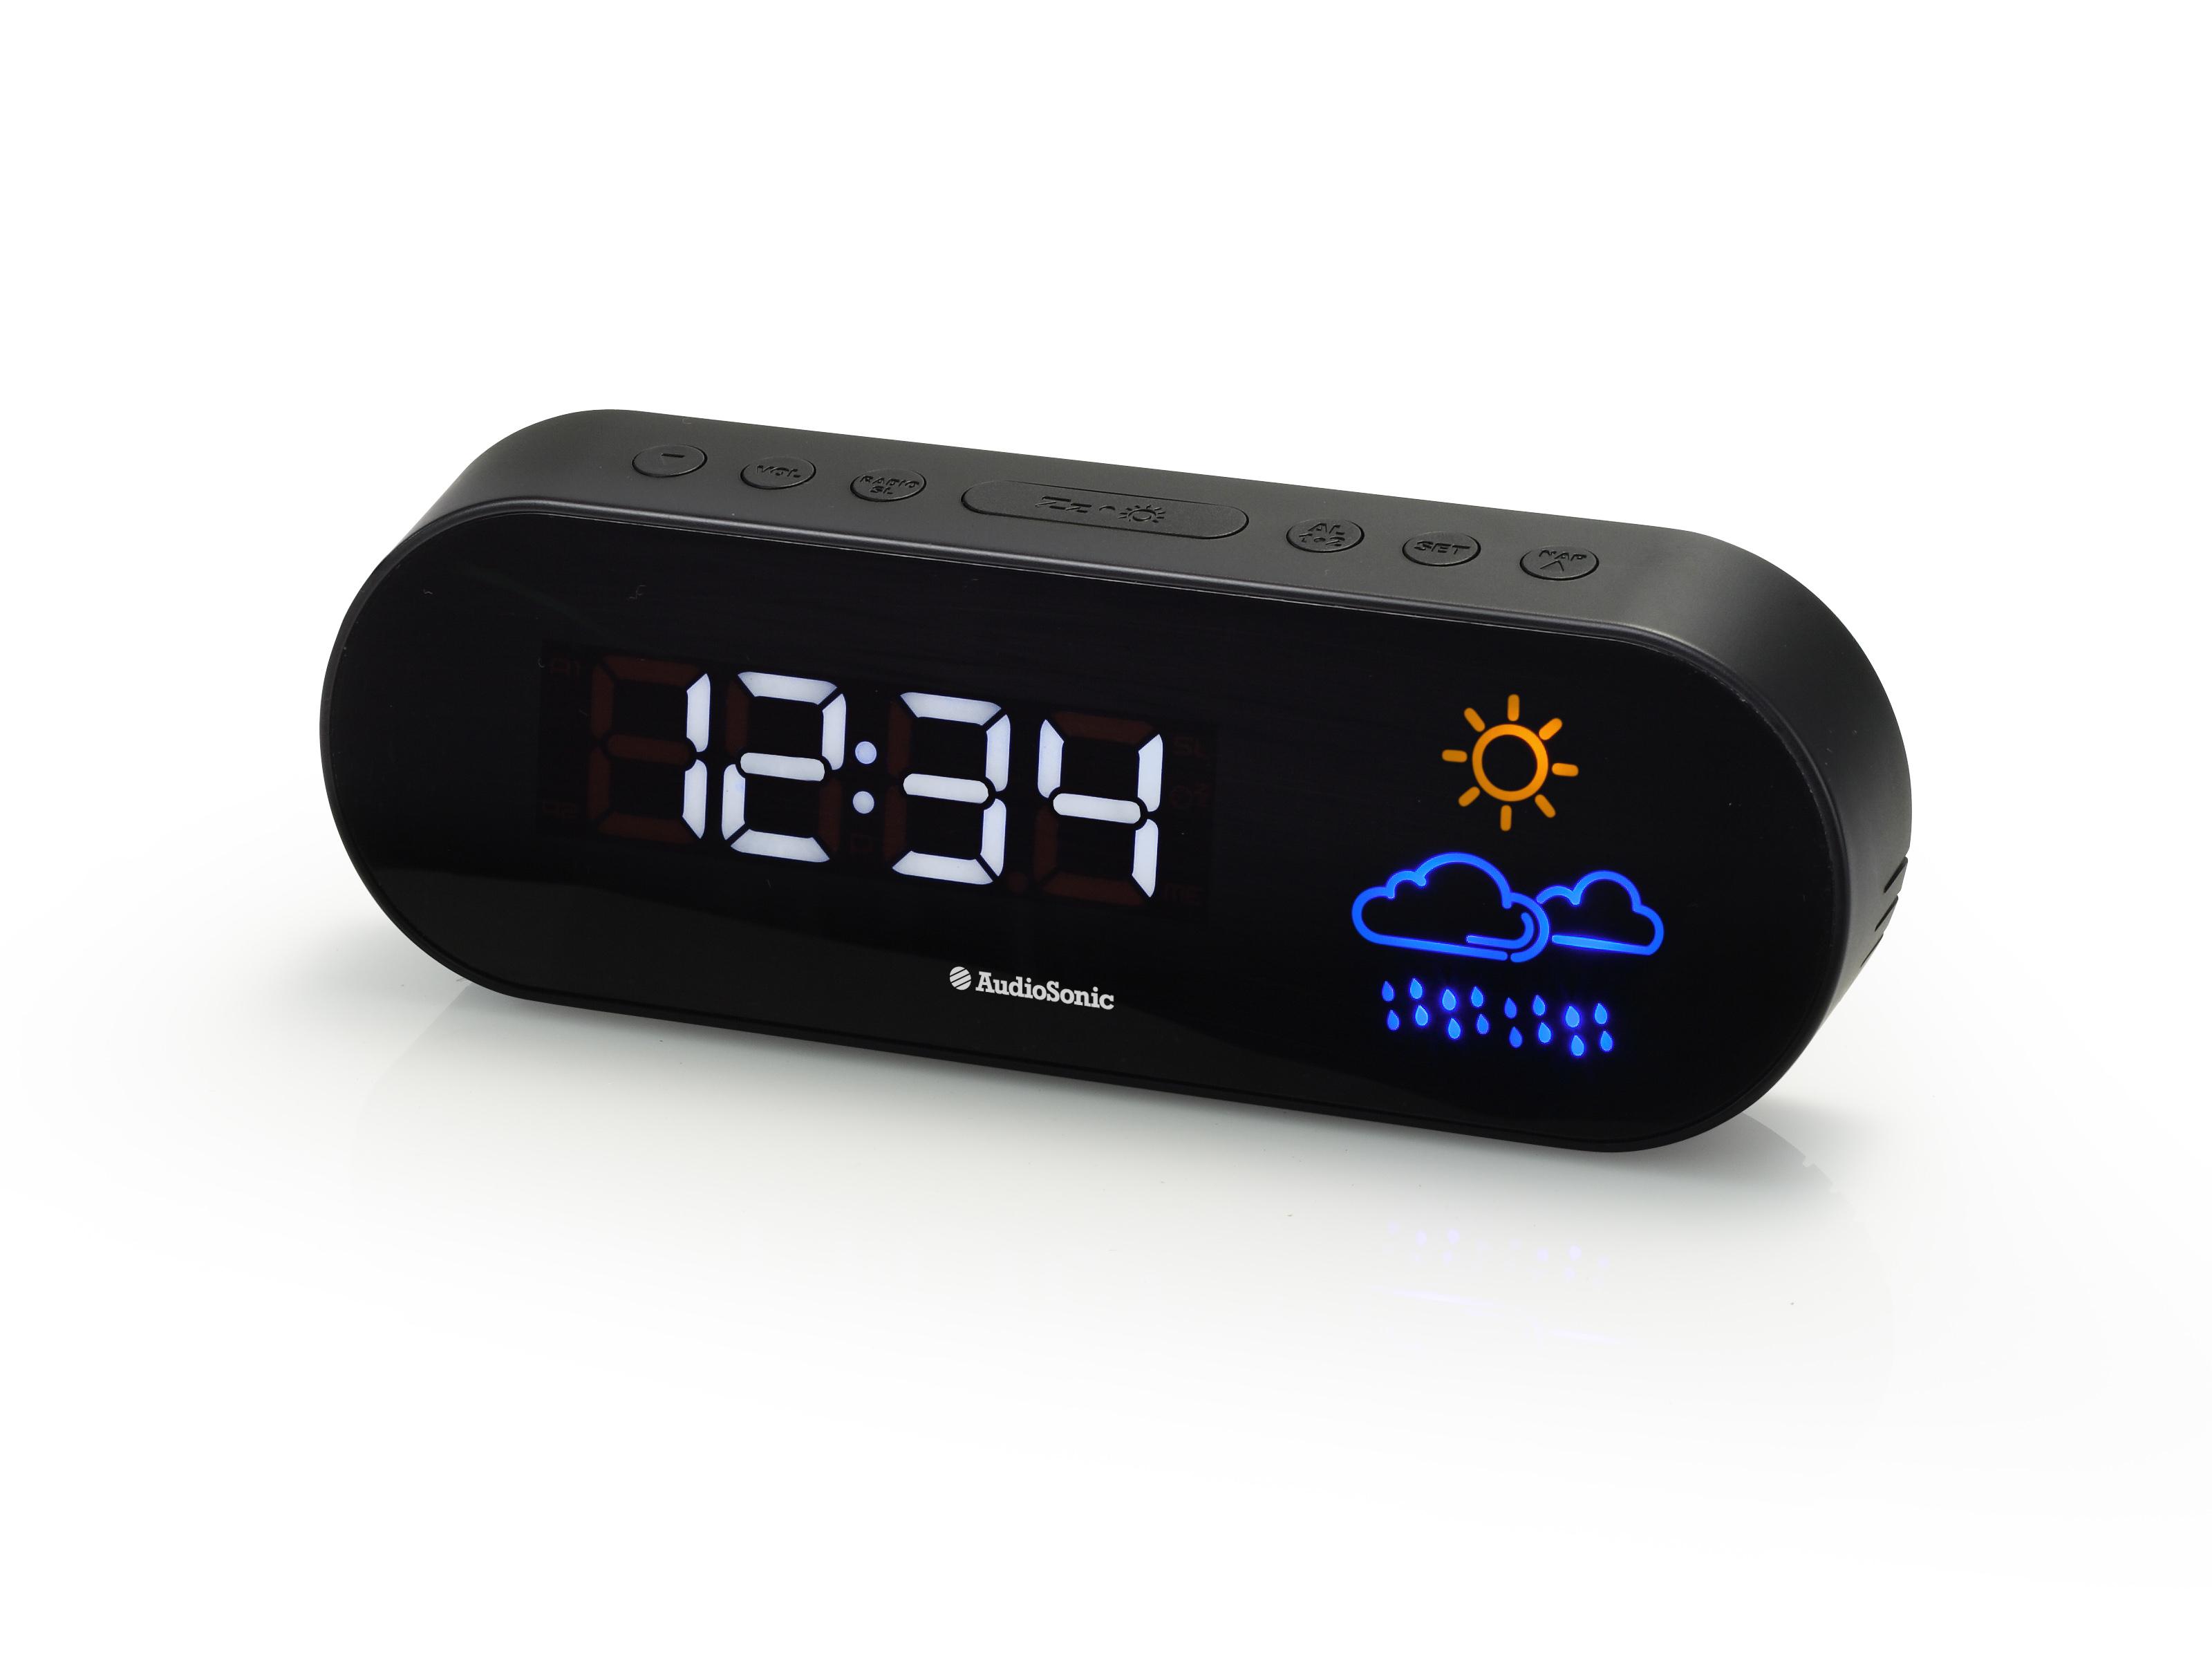 AudioSonic CL-1489 Orologio Digitale Nero radio